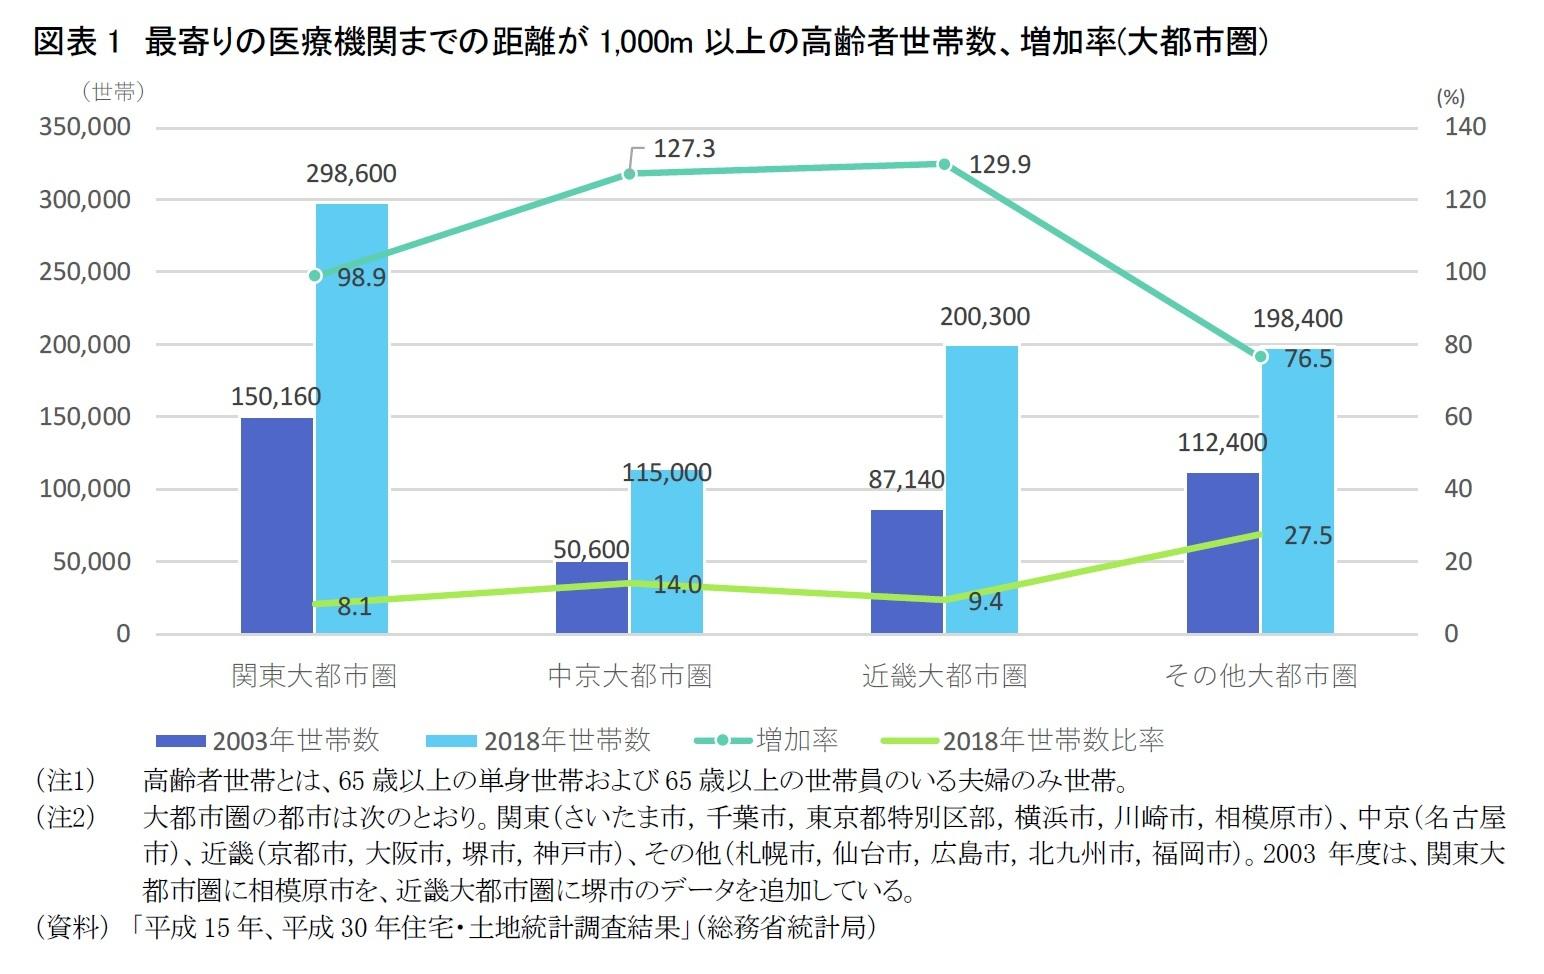 図表1 最寄りの医療機関までの距離が1,000m以上の高齢者世帯数、増加率(大都市圏)